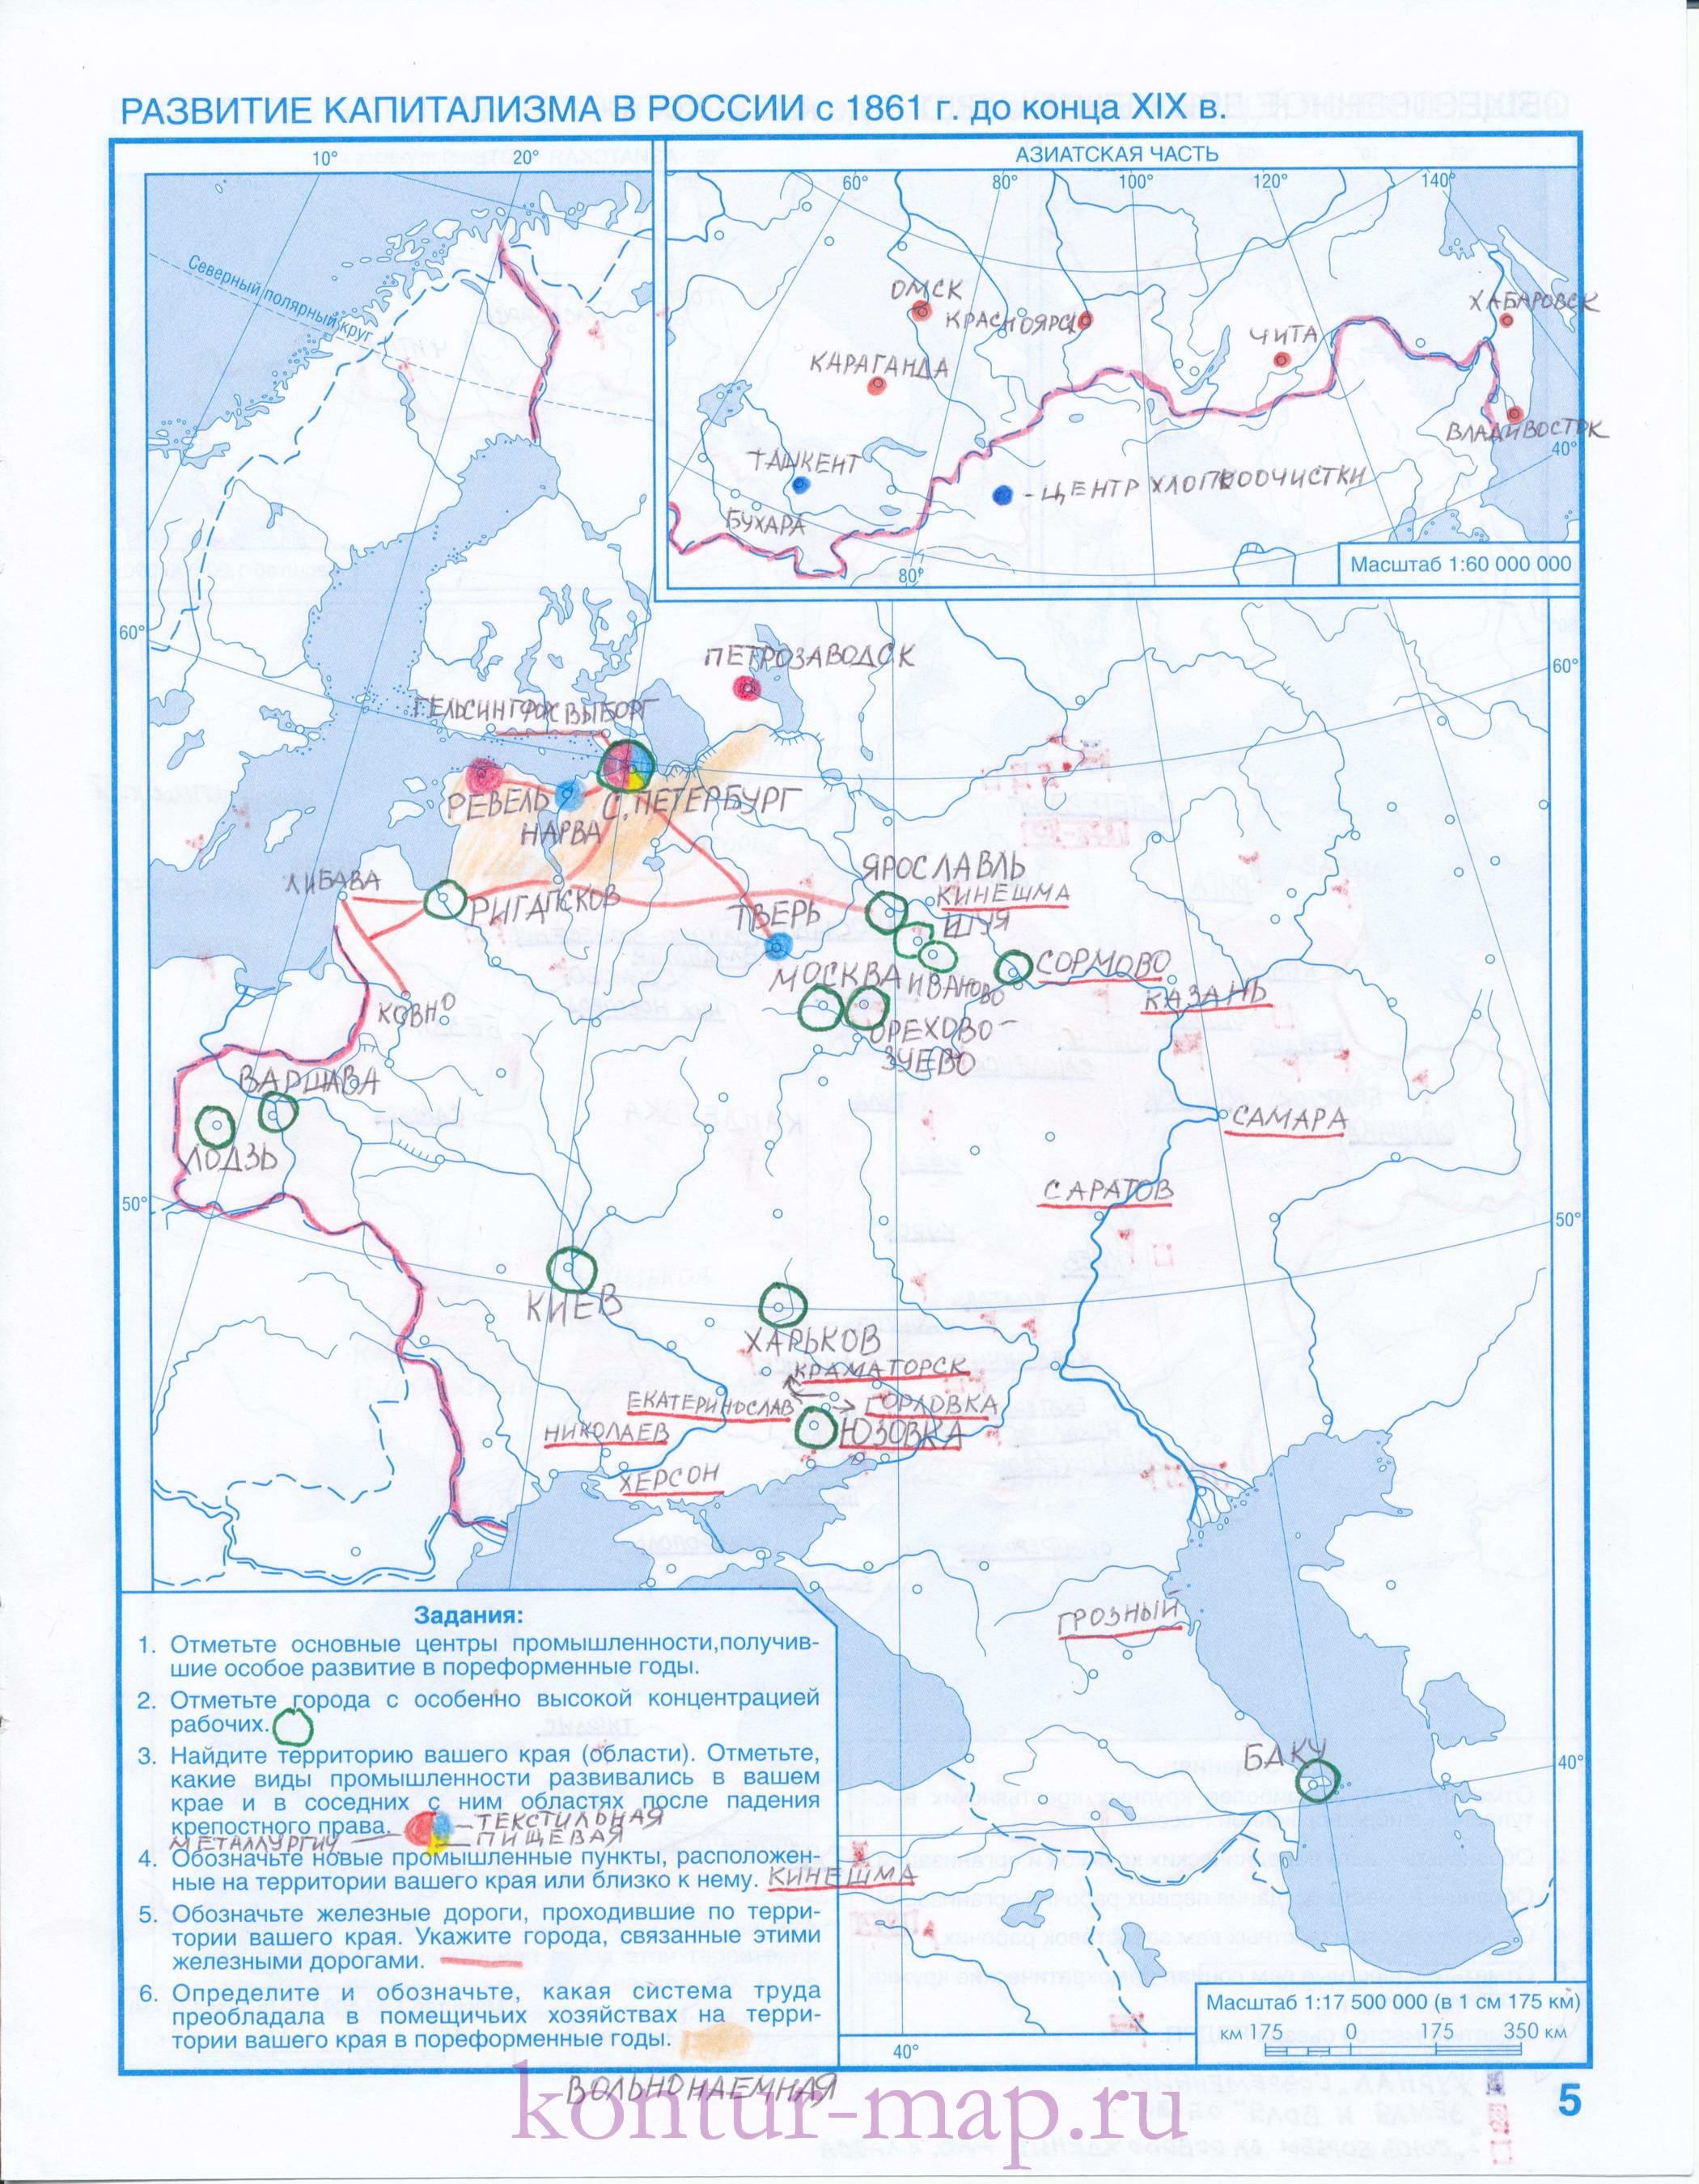 Гдз контурные карты 7 класс география кузнецов